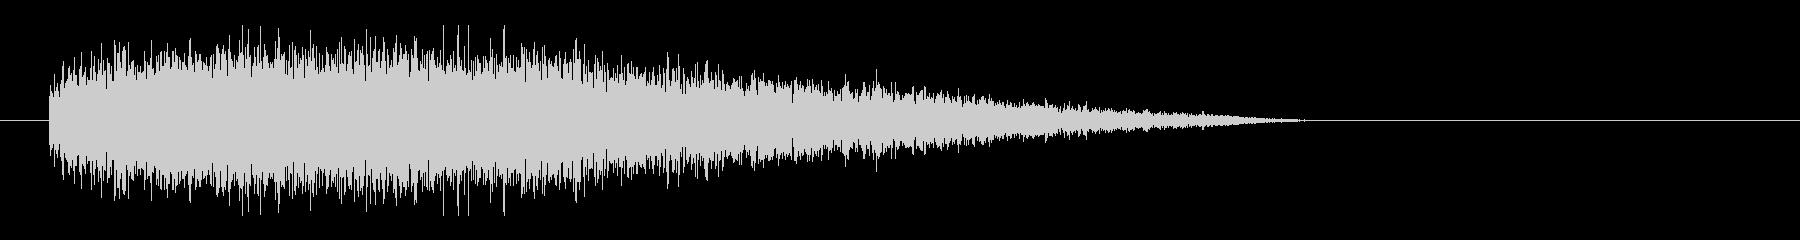 レーザー音-78-3の未再生の波形